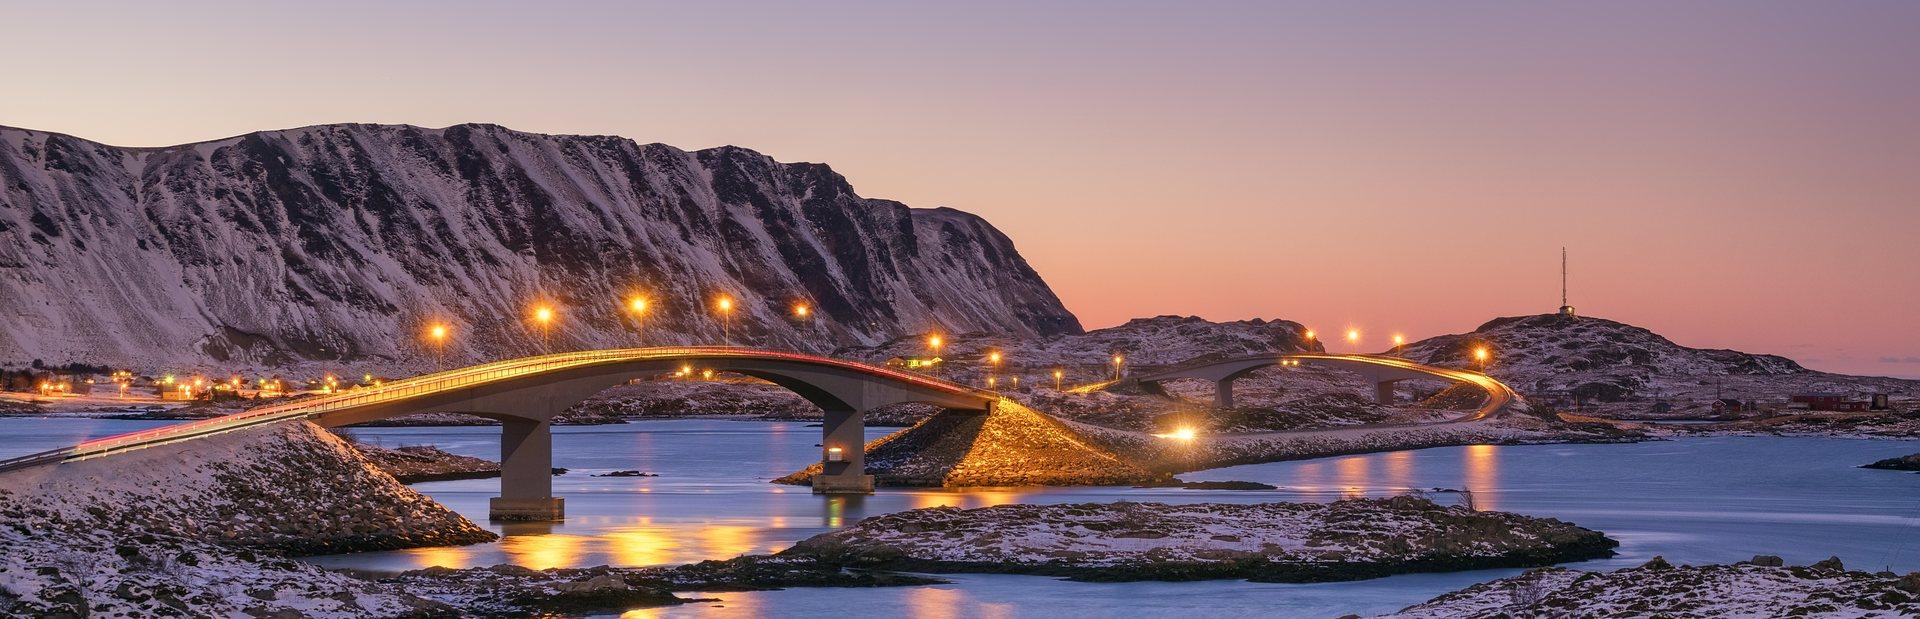 Frænfjorden charter itineraries